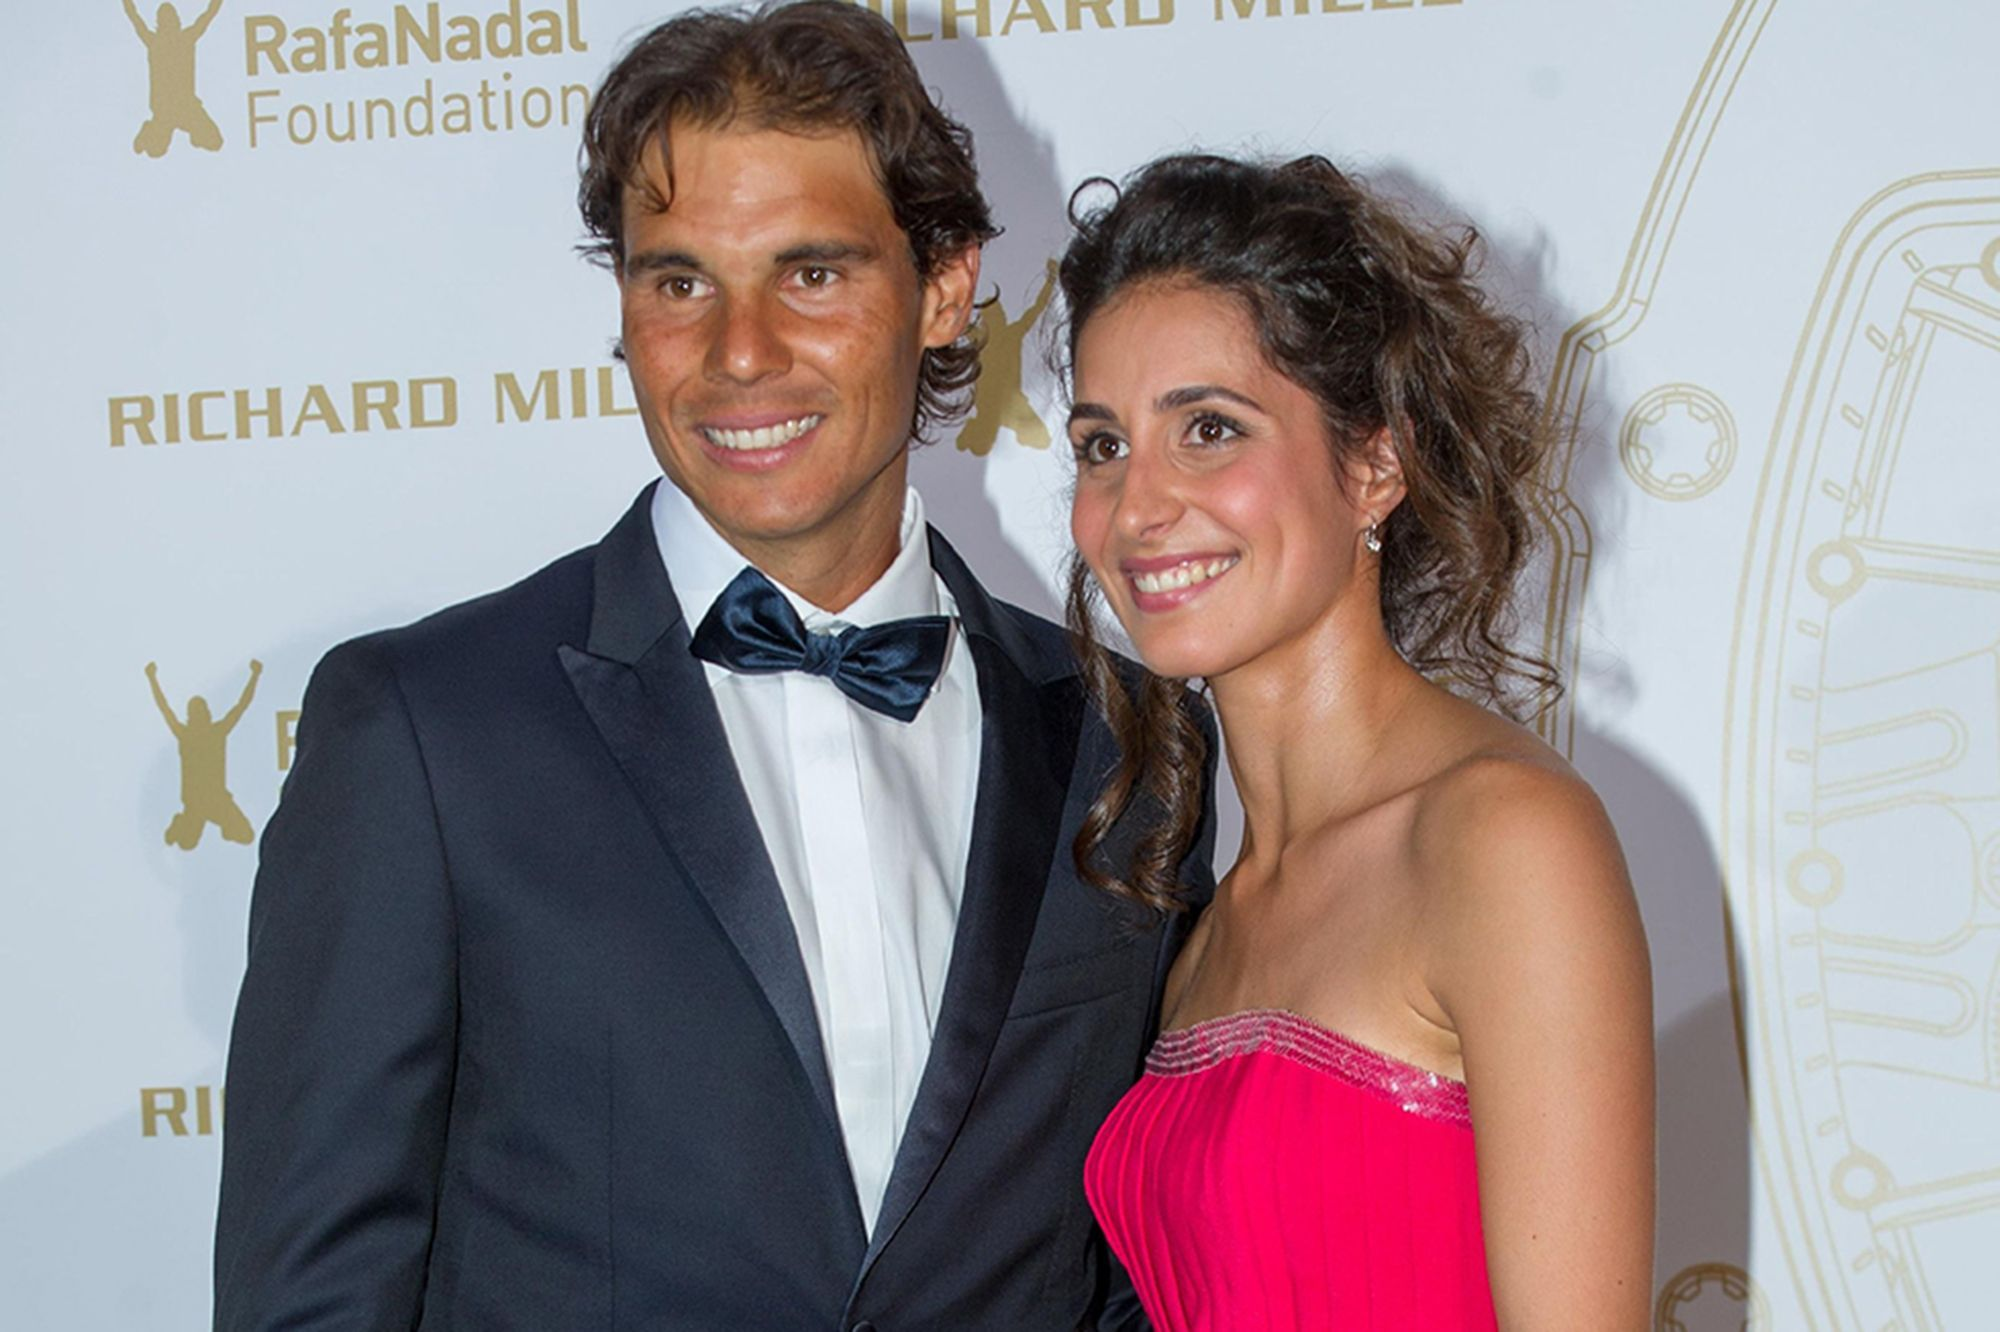 Rafael Nadal, les premières photos de son mariage dévoilées